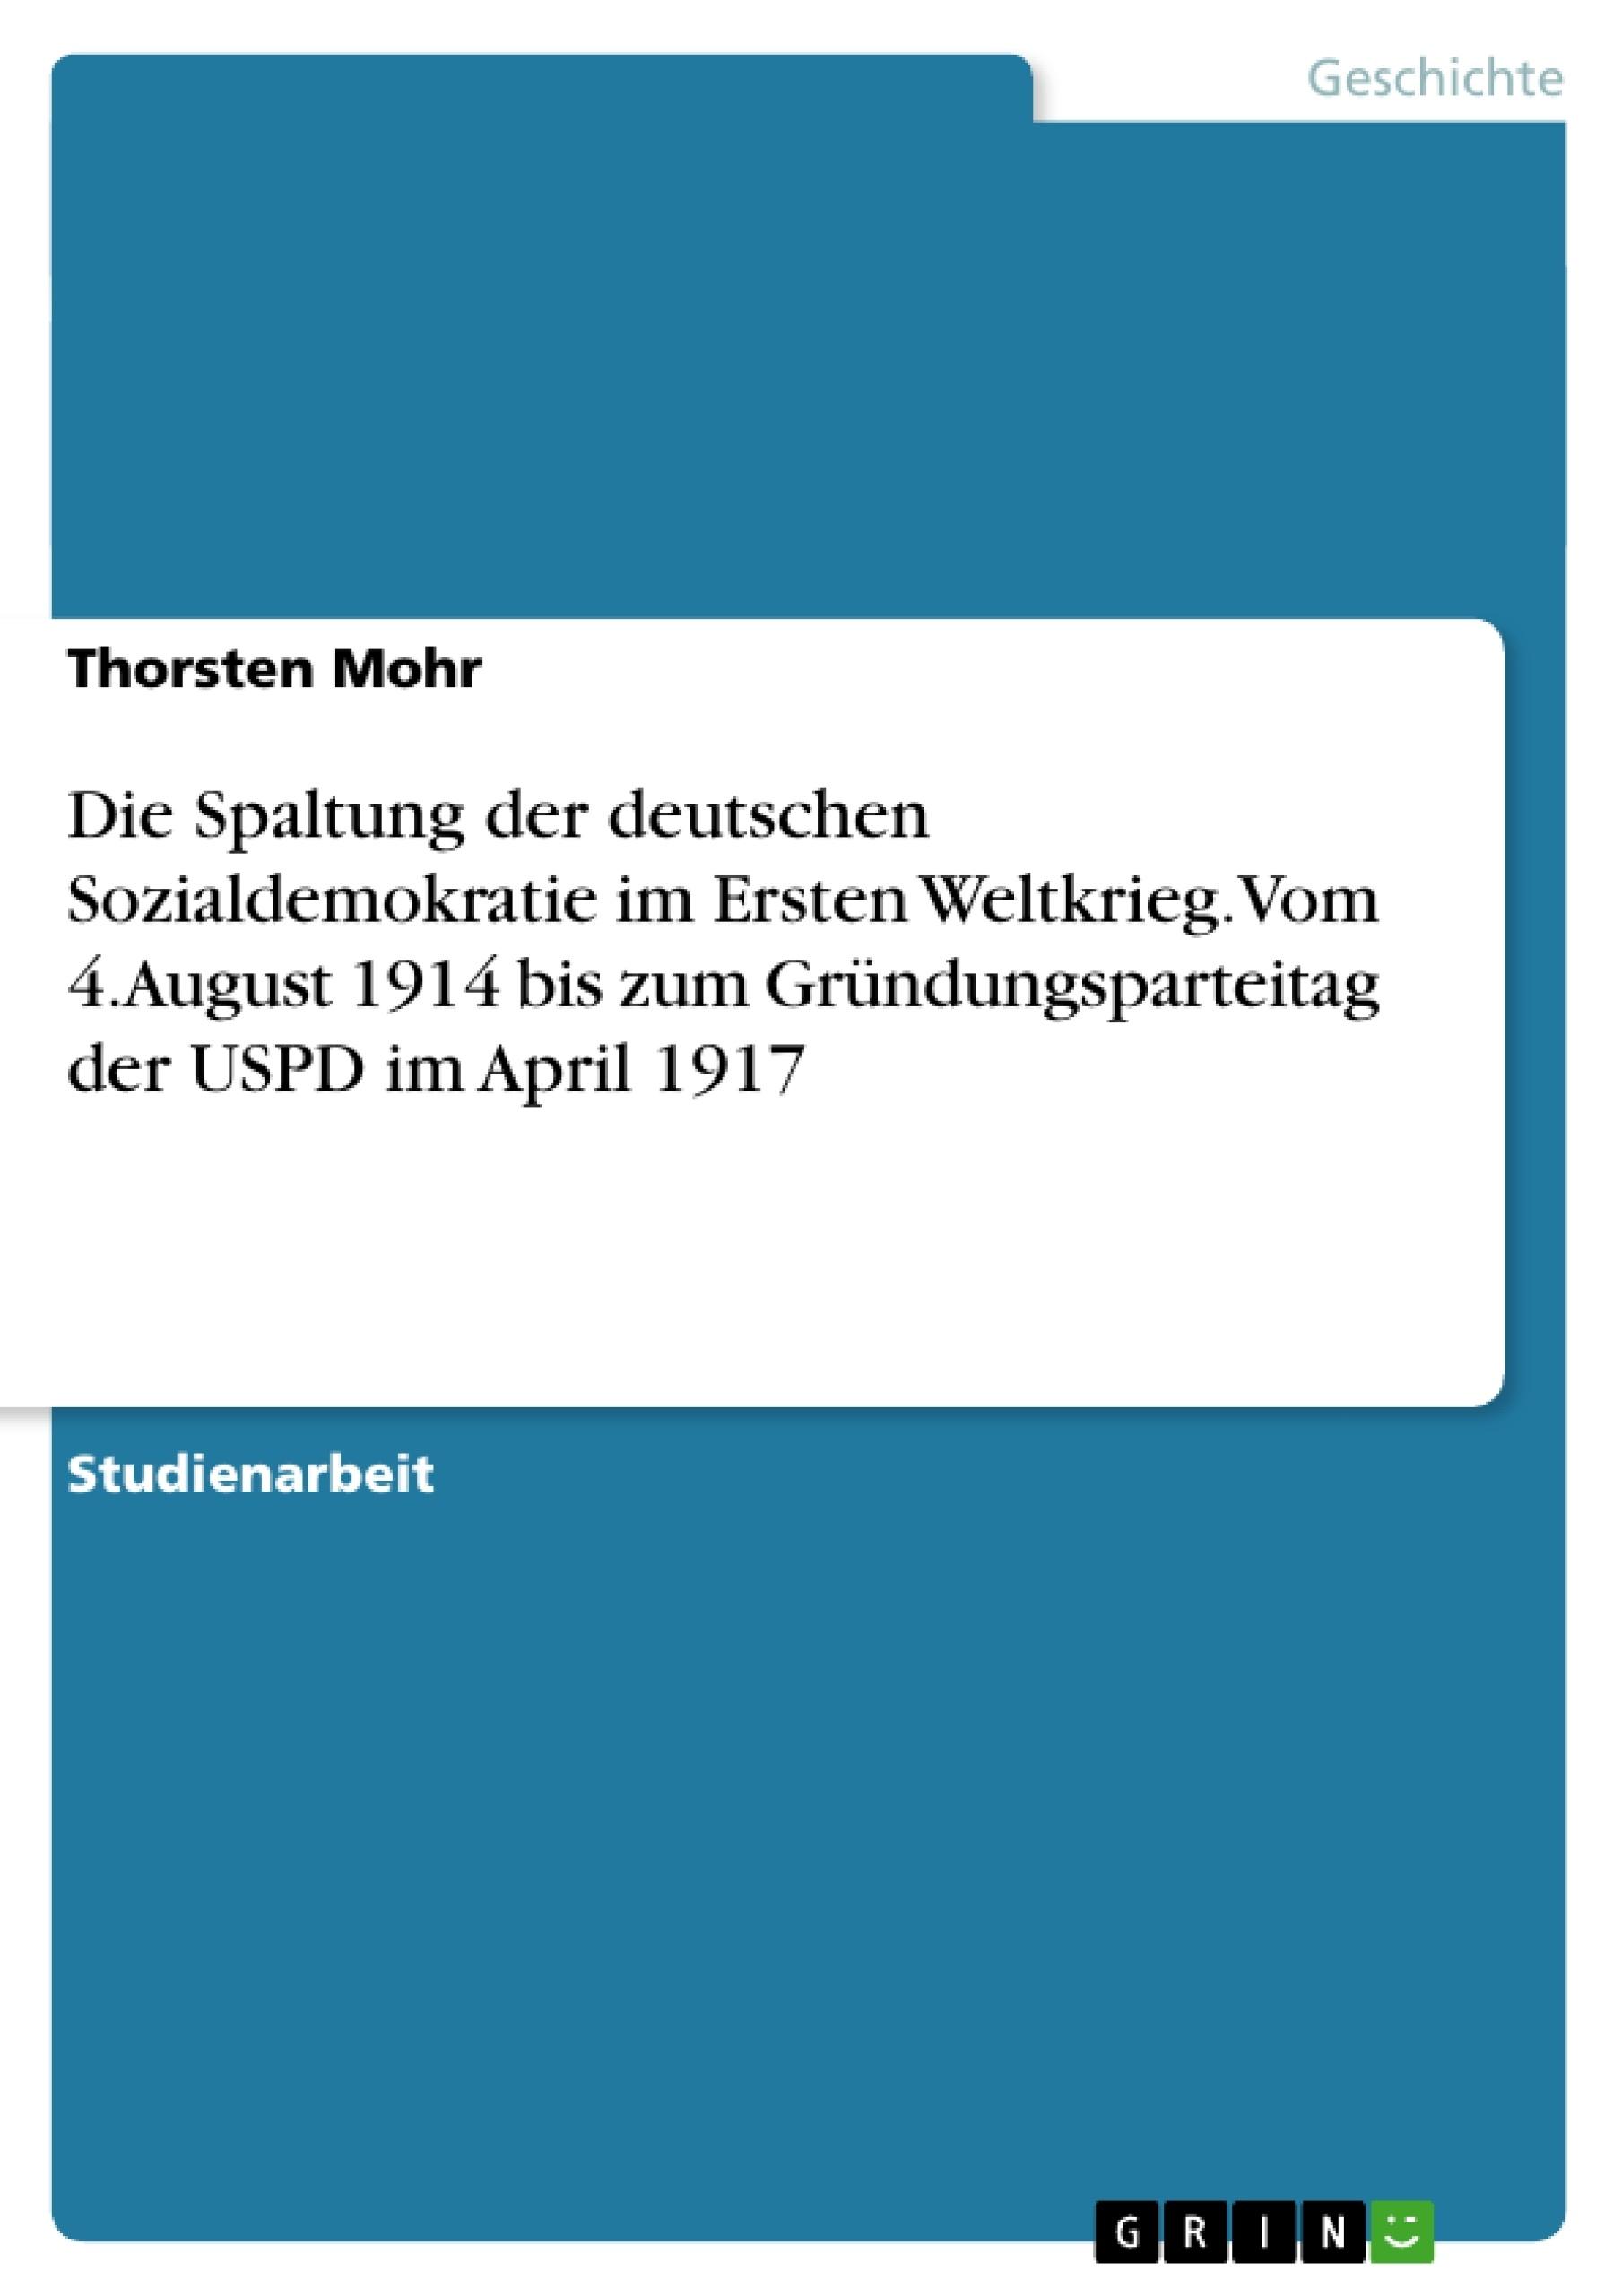 Titel: Die Spaltung der deutschen Sozialdemokratie im Ersten Weltkrieg. Vom 4. August 1914 bis zum Gründungsparteitag der USPD im April 1917